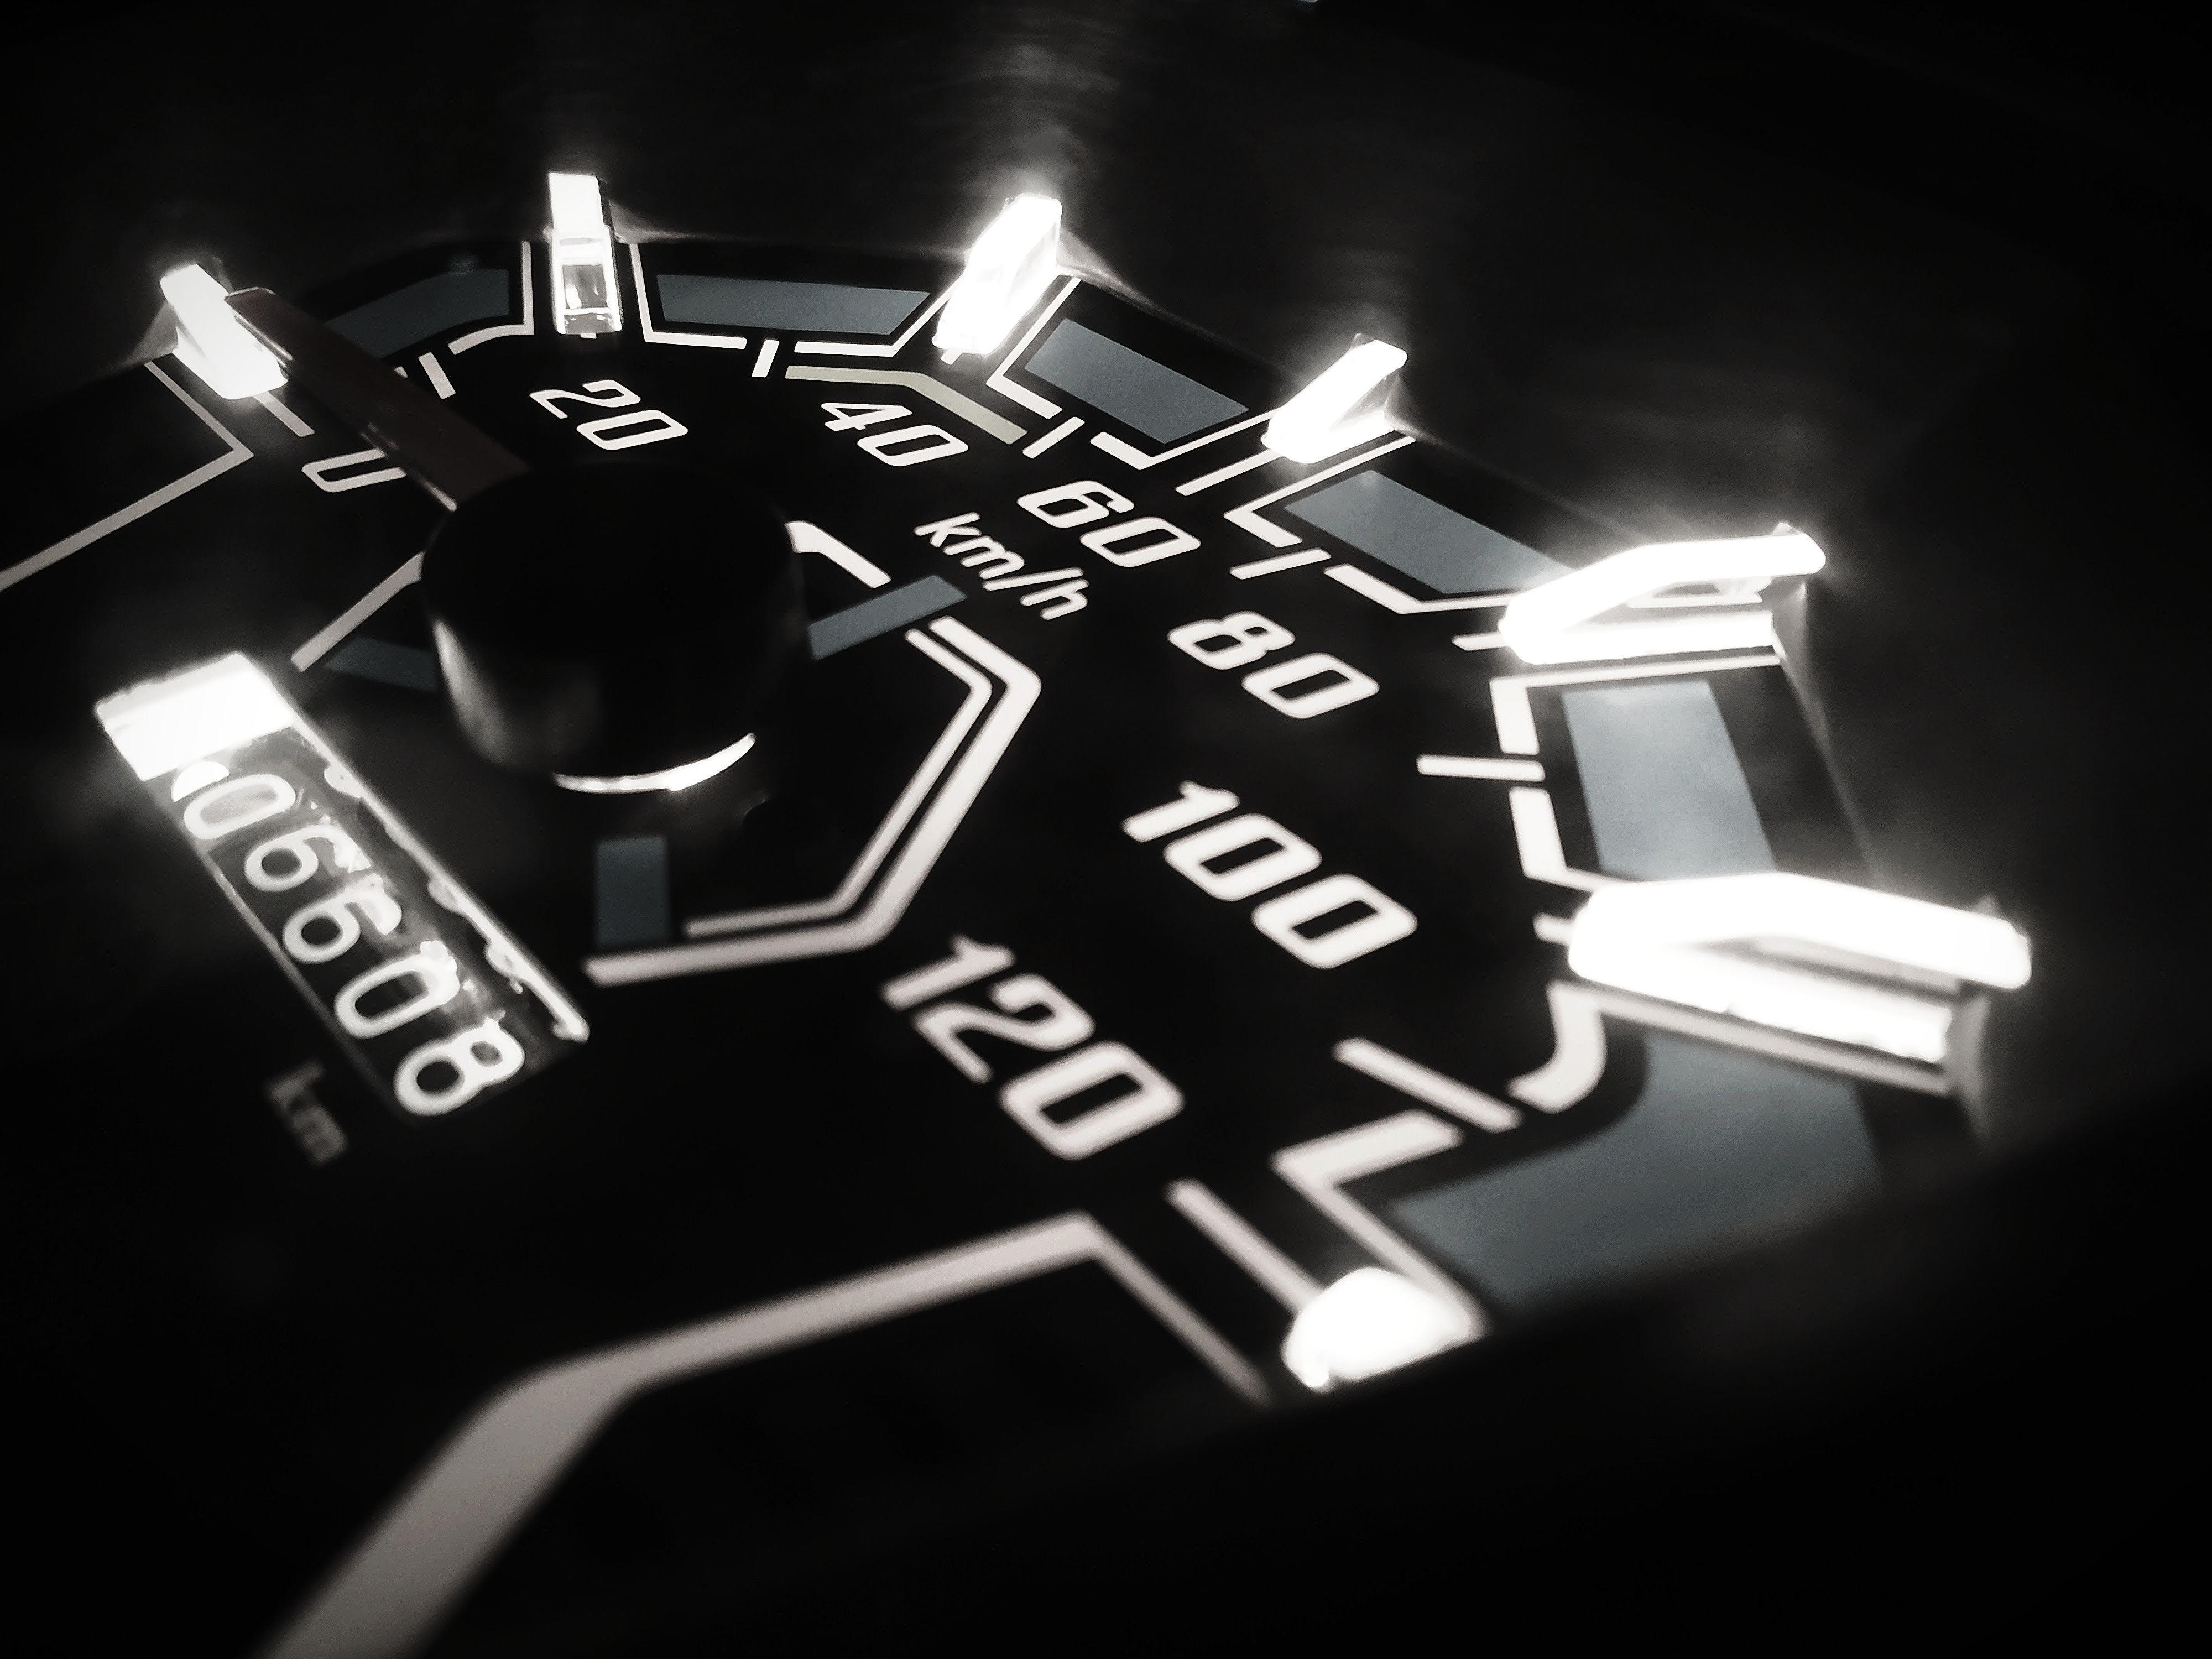 Closeup Photo of Analog Speedometer